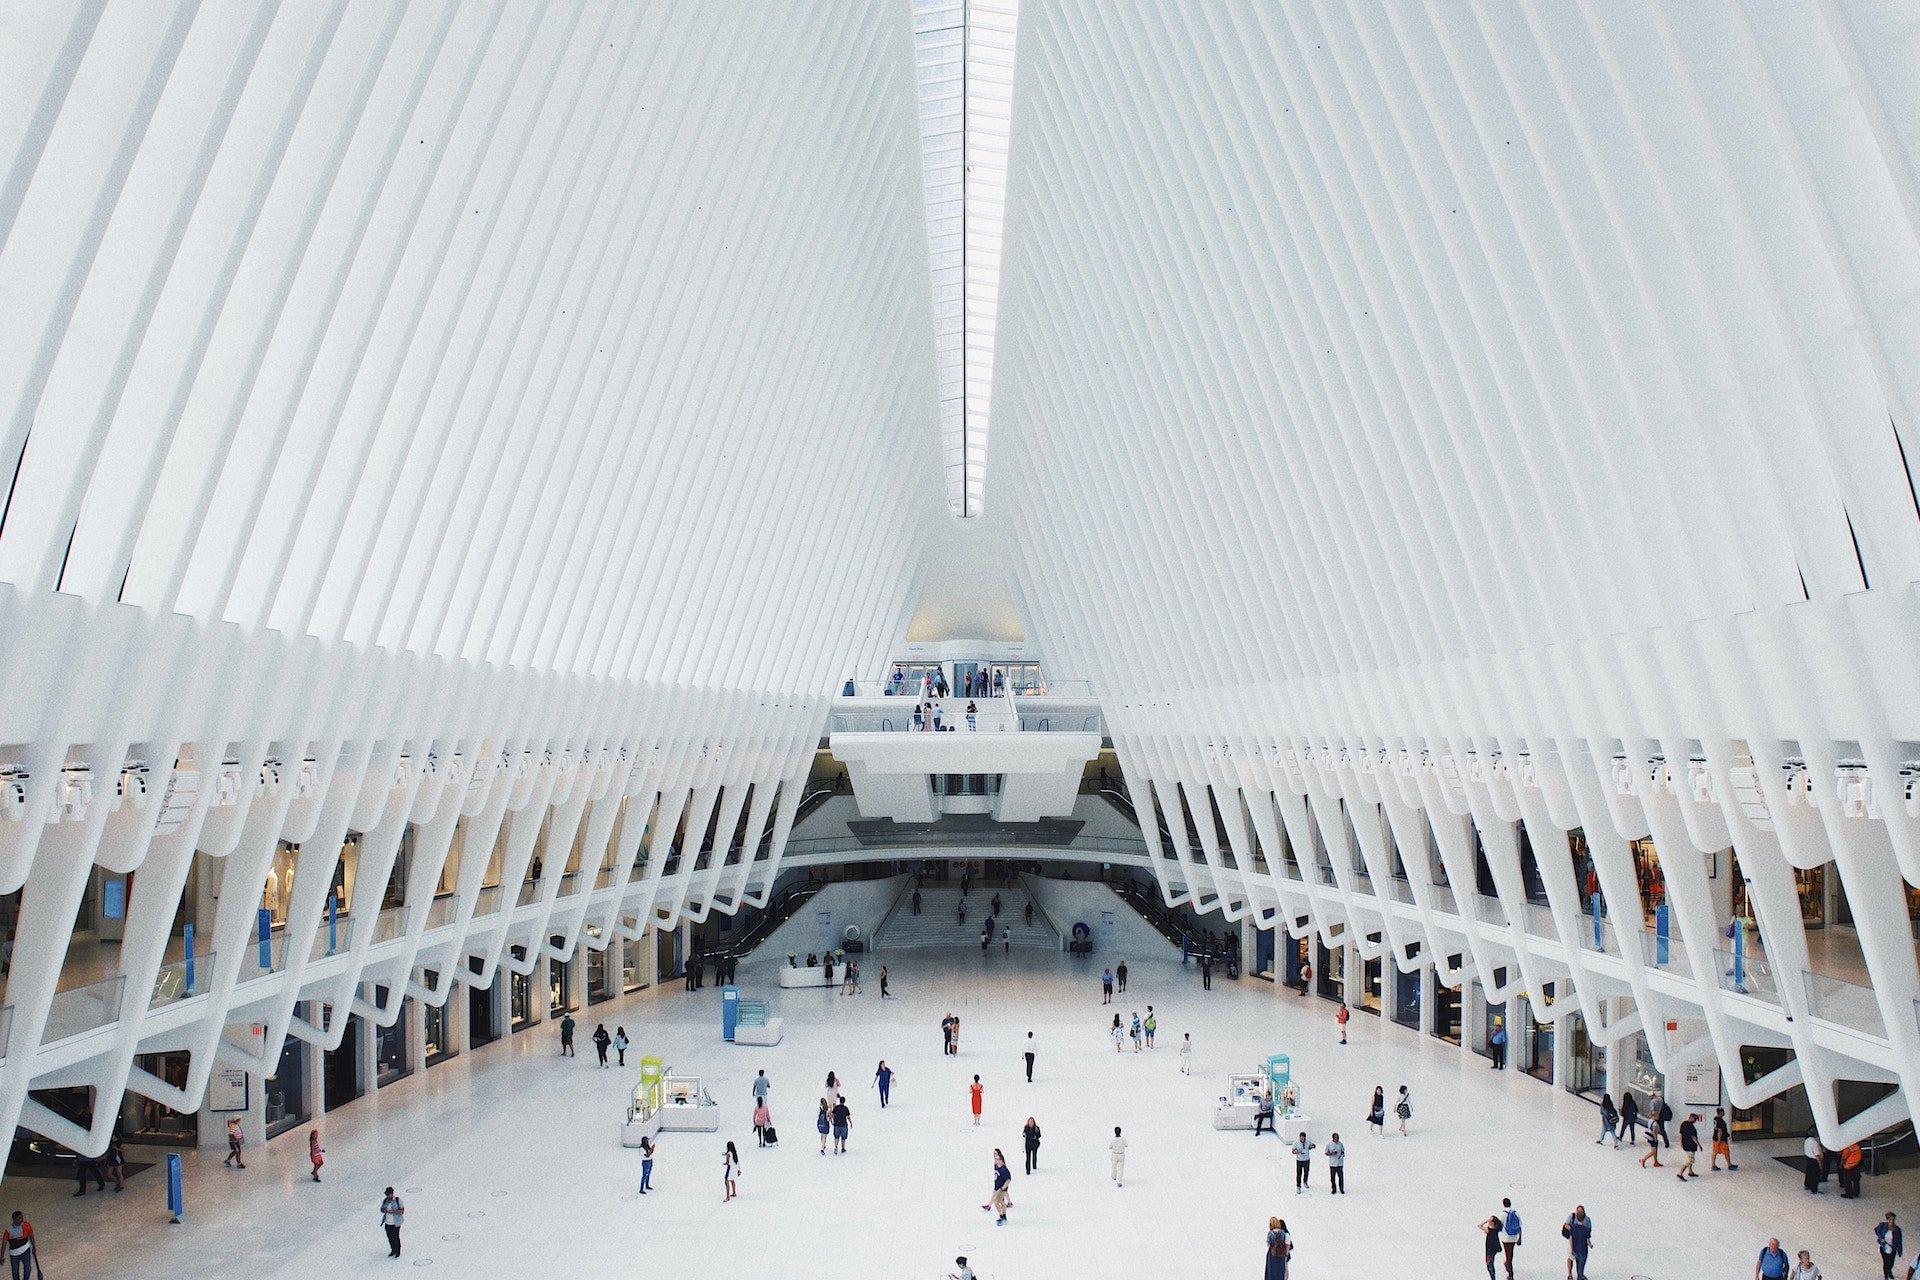 En stor öppen plats i en byggnad med människor